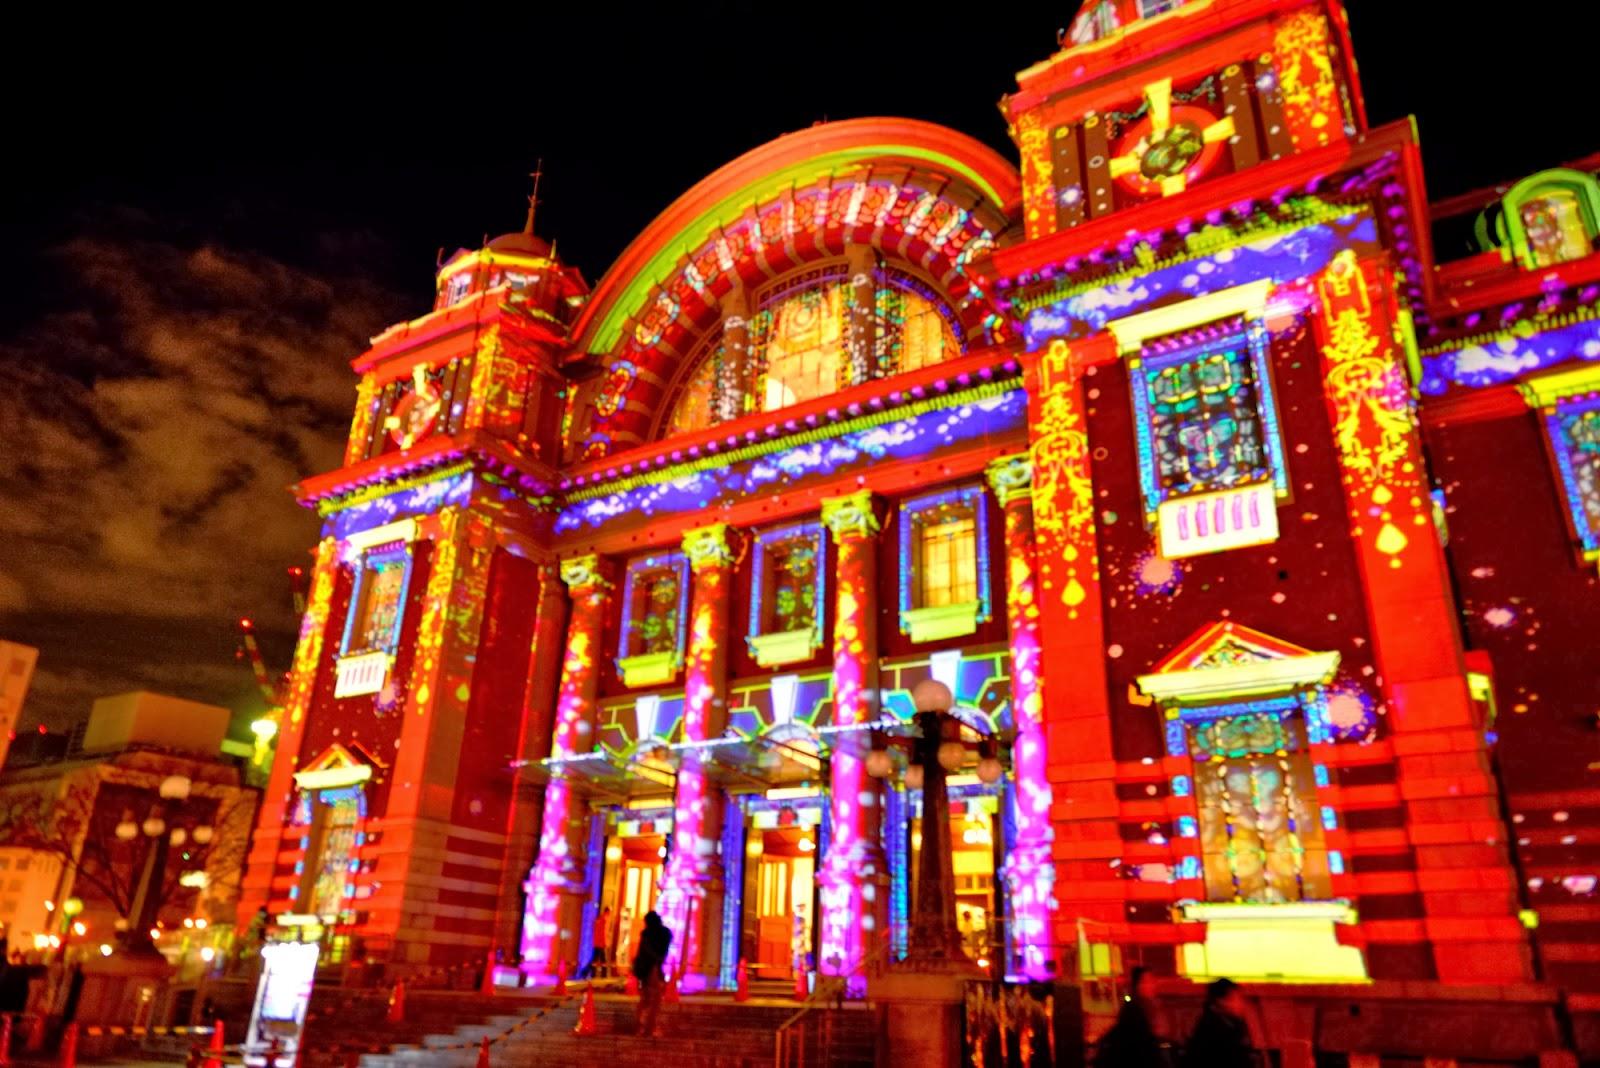 Tokiwai's Photo Blog: 大阪中之島 中央公会堂 プロジェクション ...